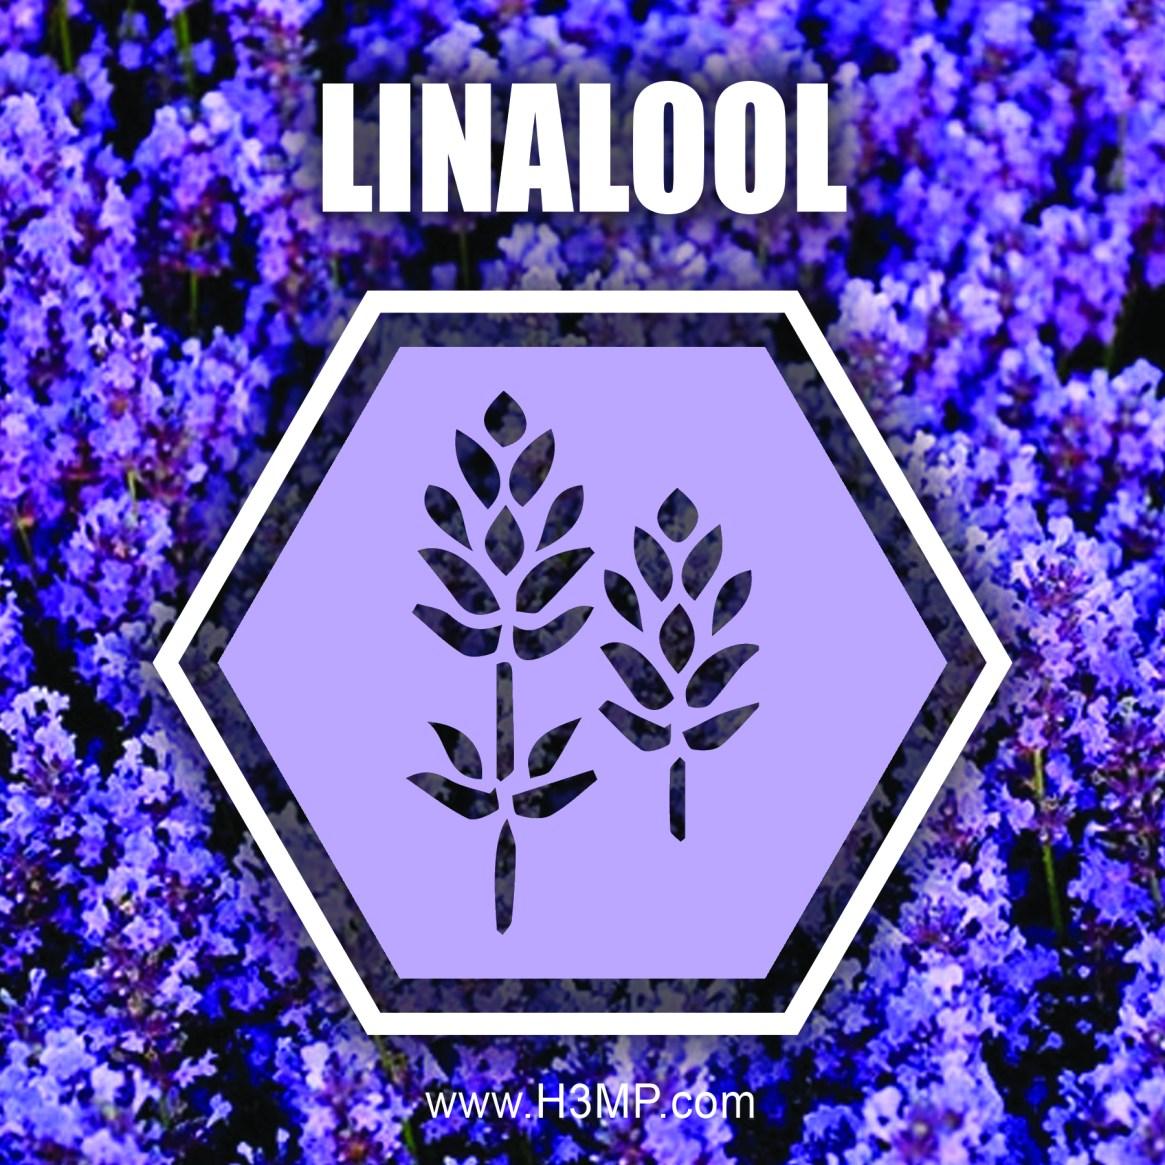 H3MP LINALOOL